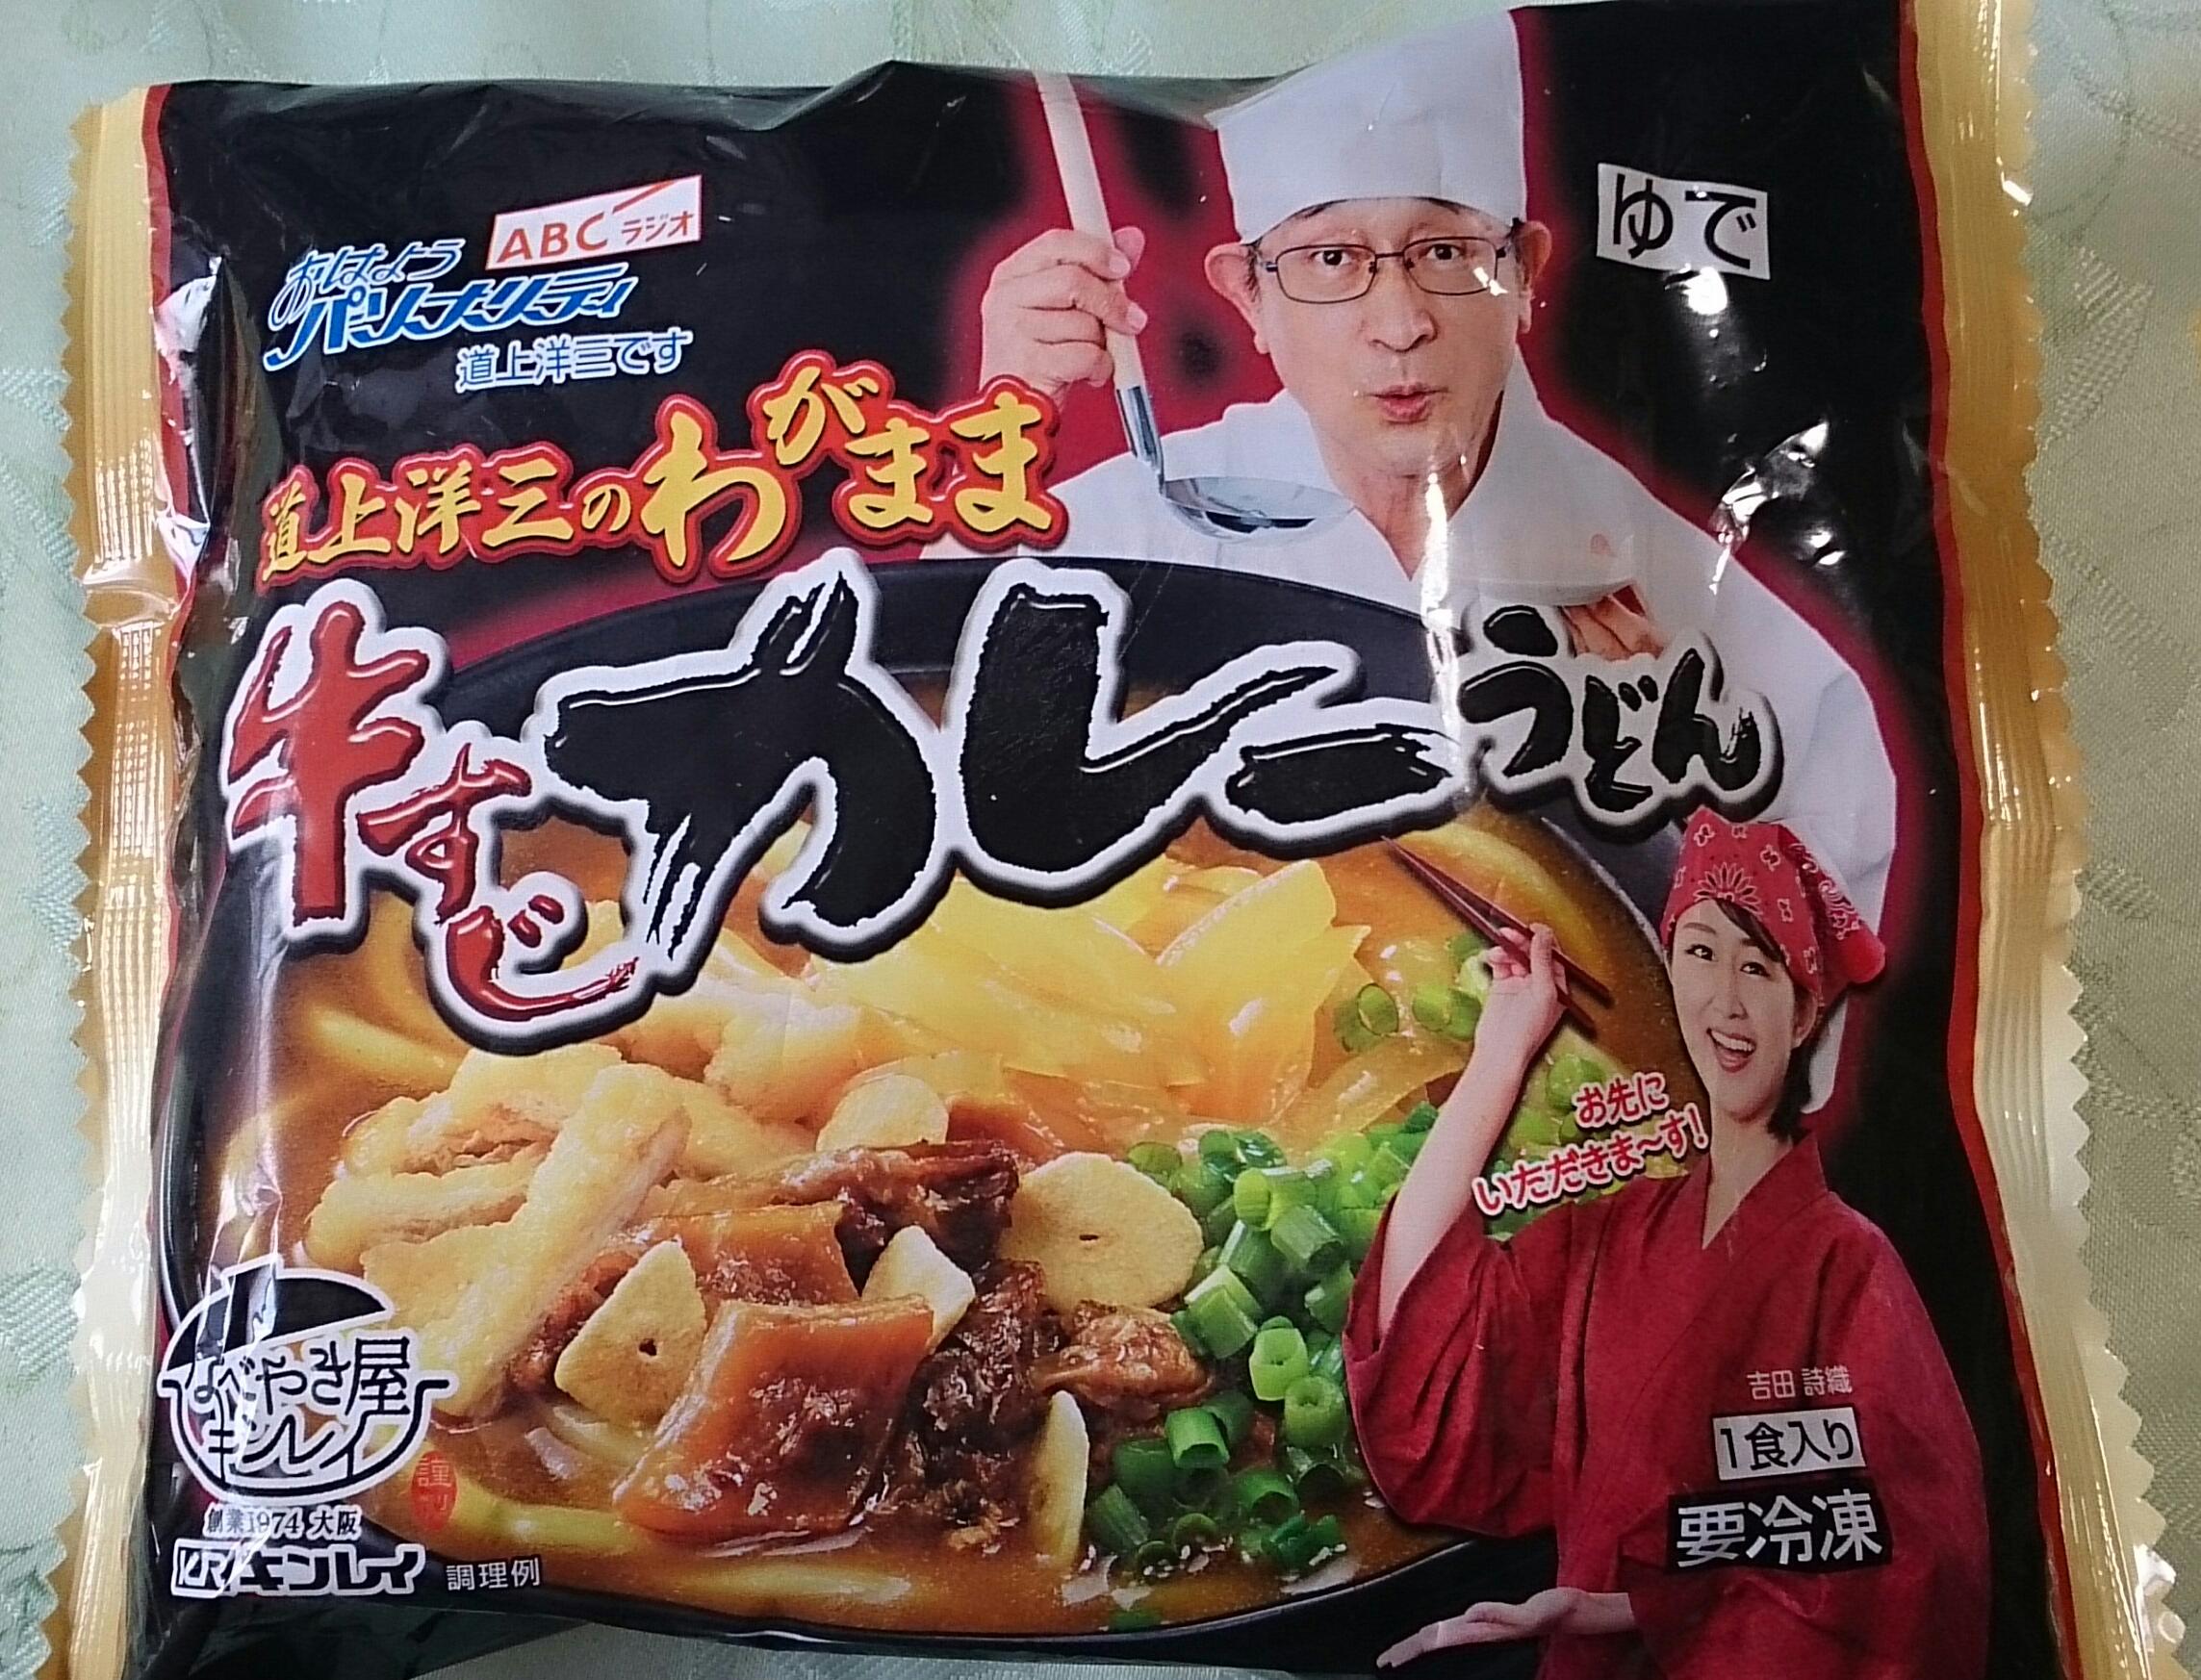 牛すじカレーうどん/道上洋三・ABCラジオ